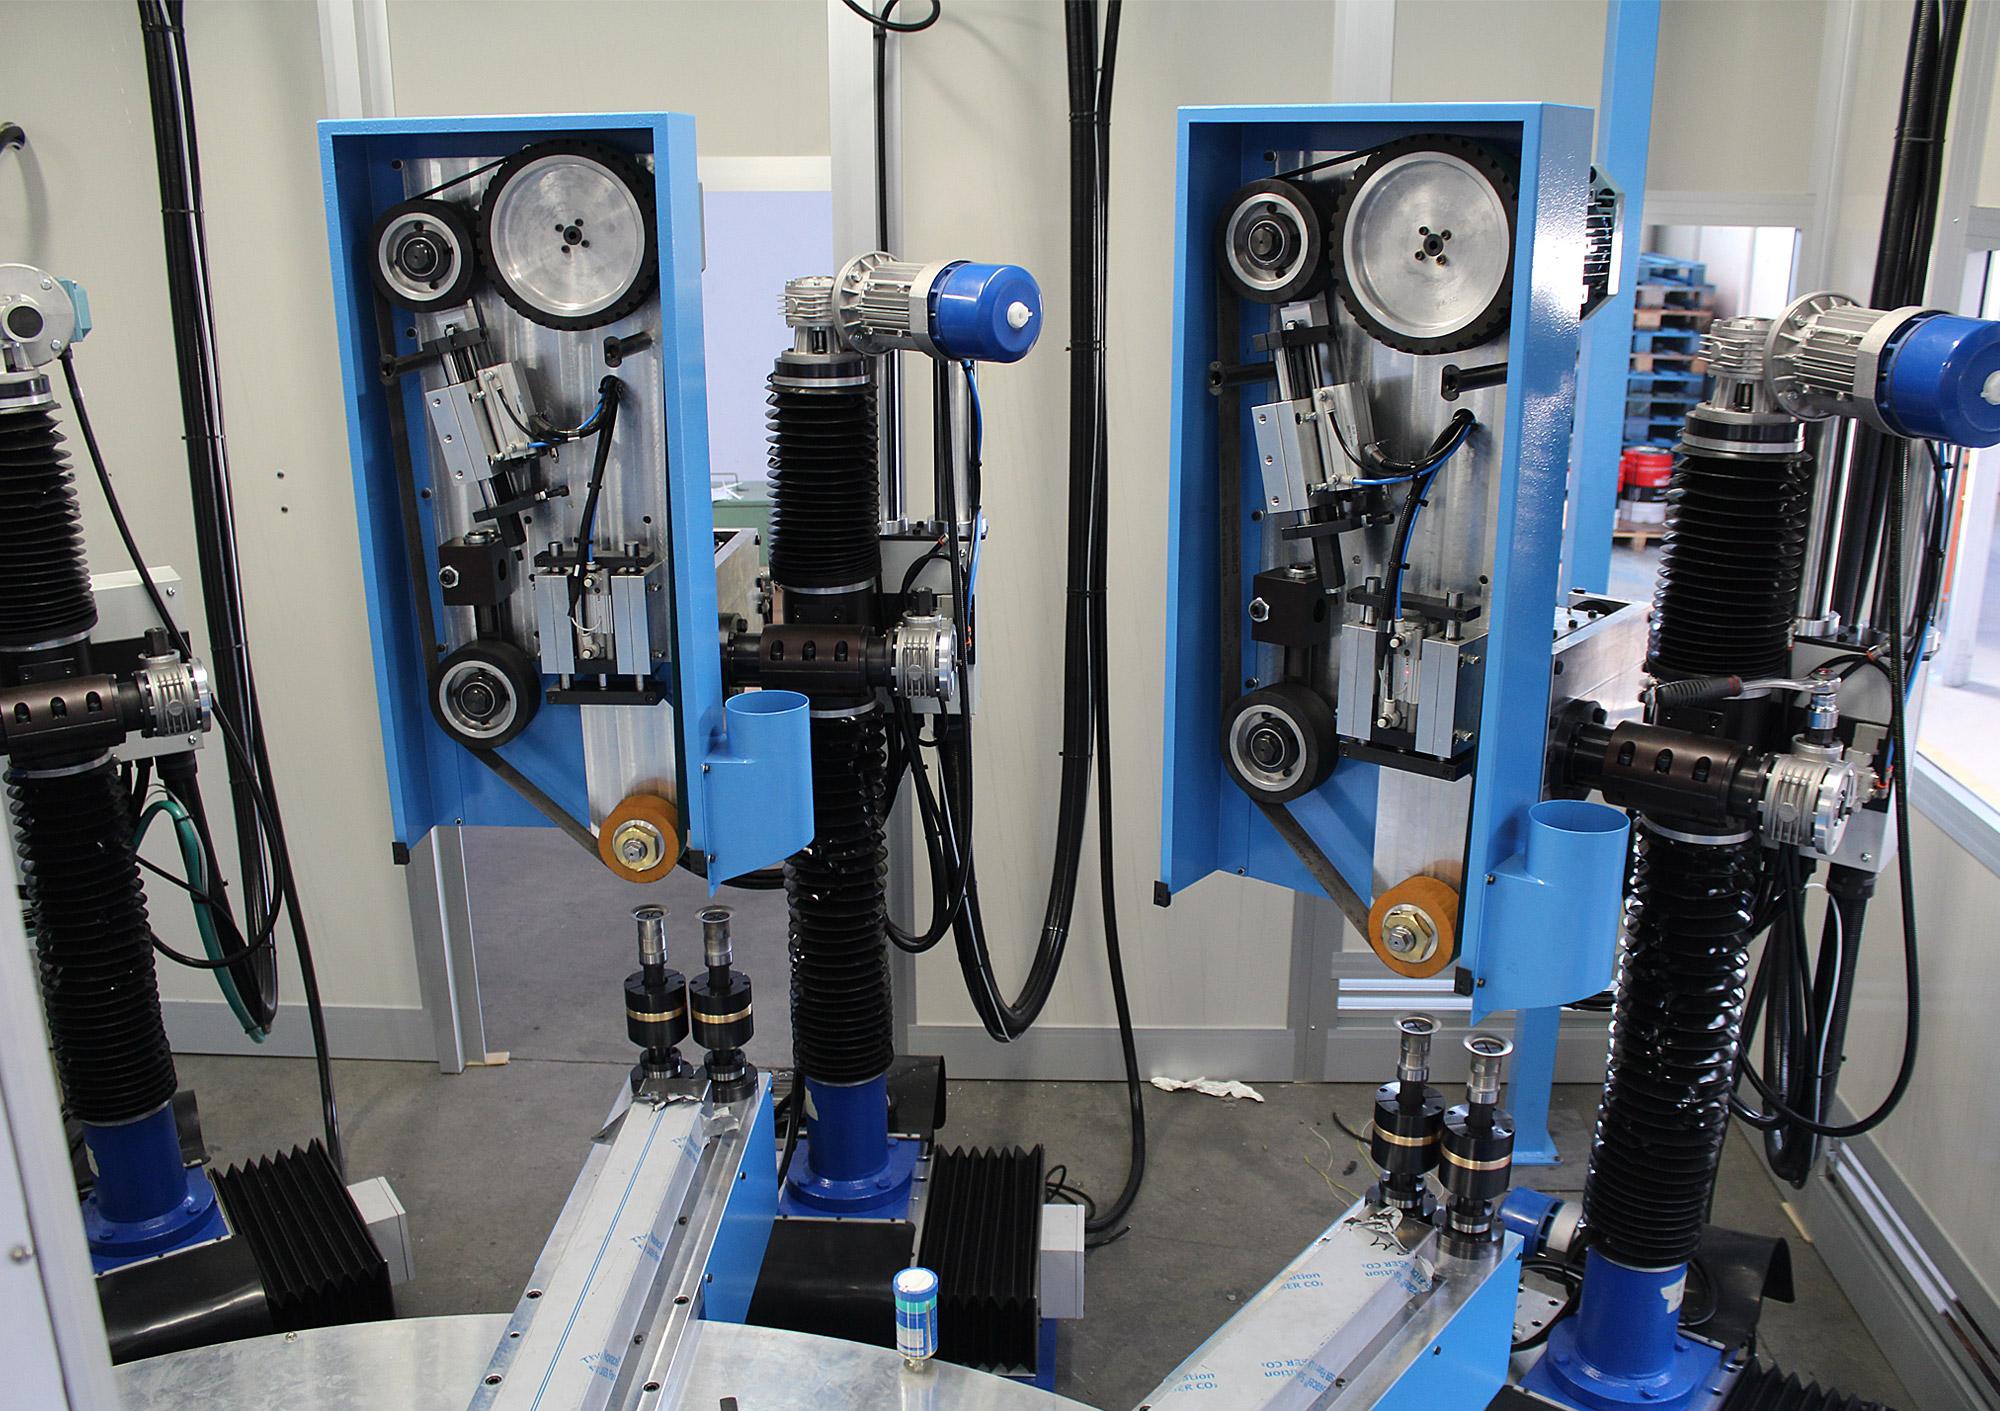 Carrousel rotatif indexé avec unité d'émerisage modèle C.S.L. et unité de polissage modèle C.P.L.